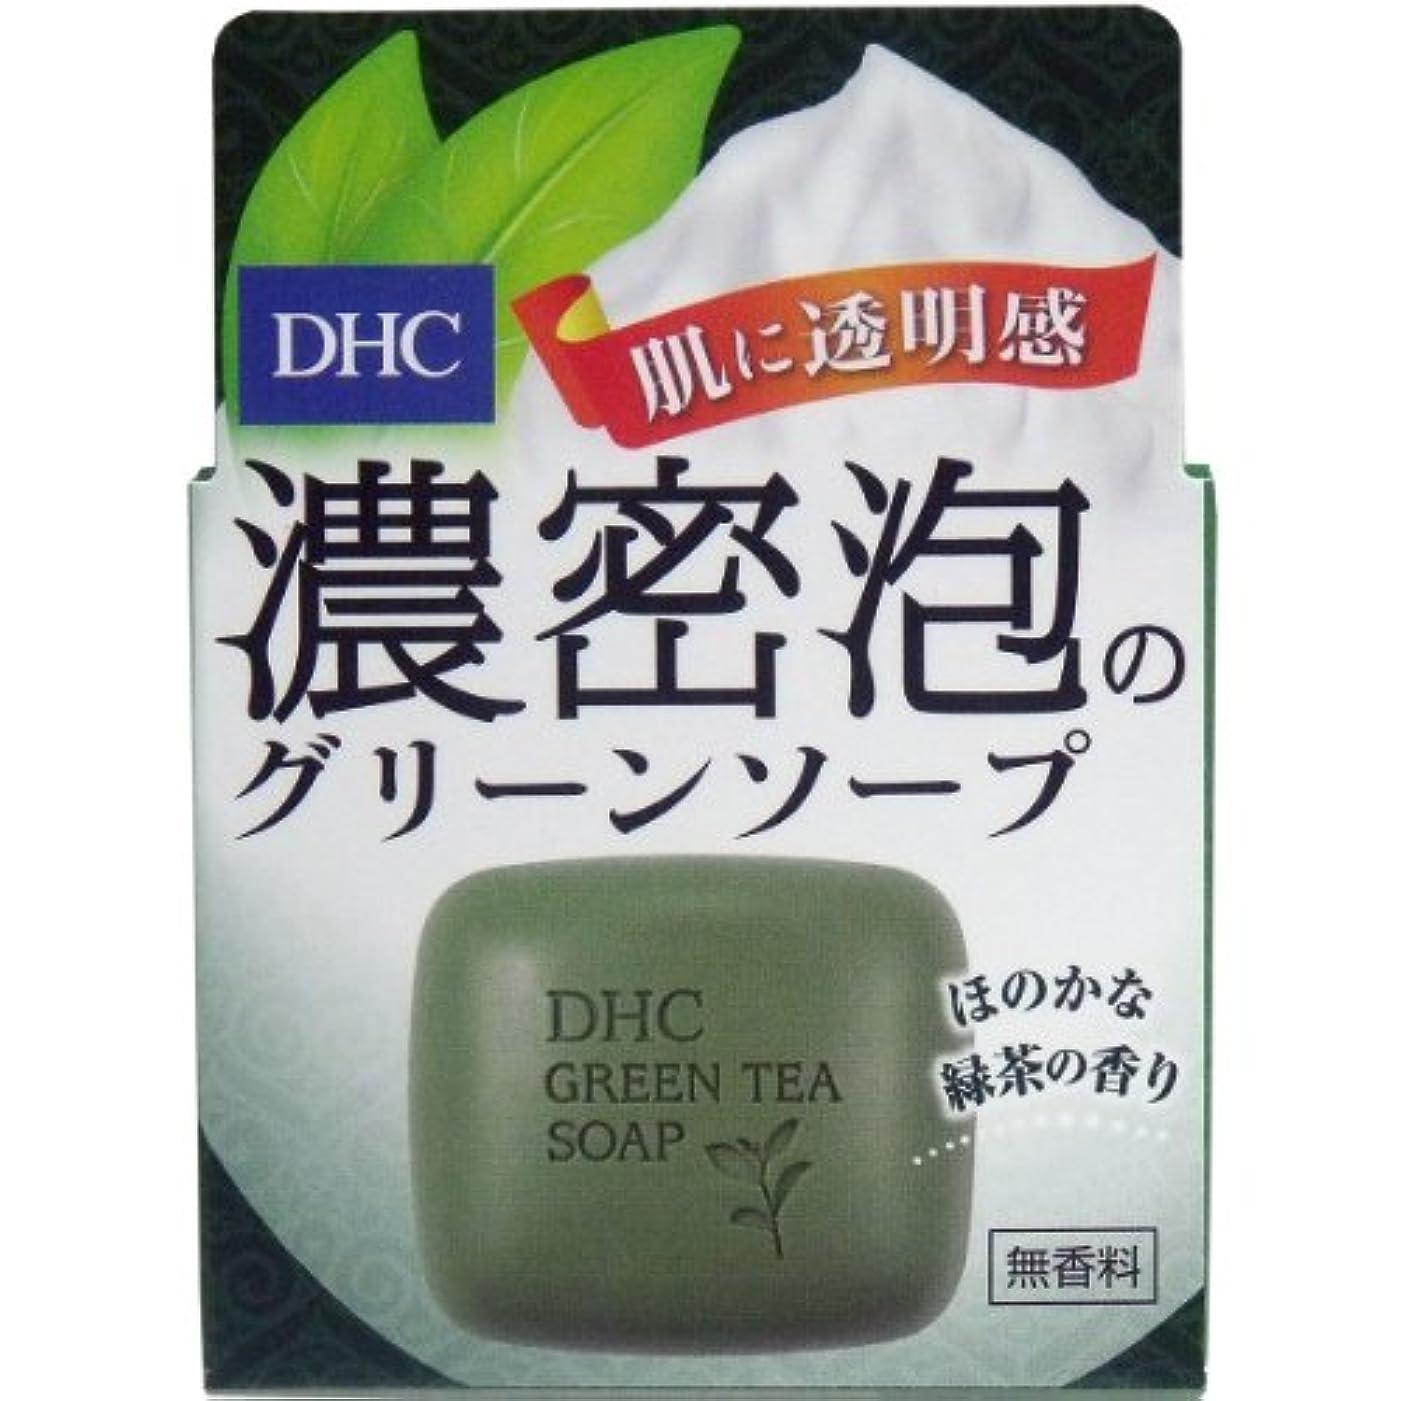 蒸気慢毎日DHC グリーンソープ <石鹸> 60g